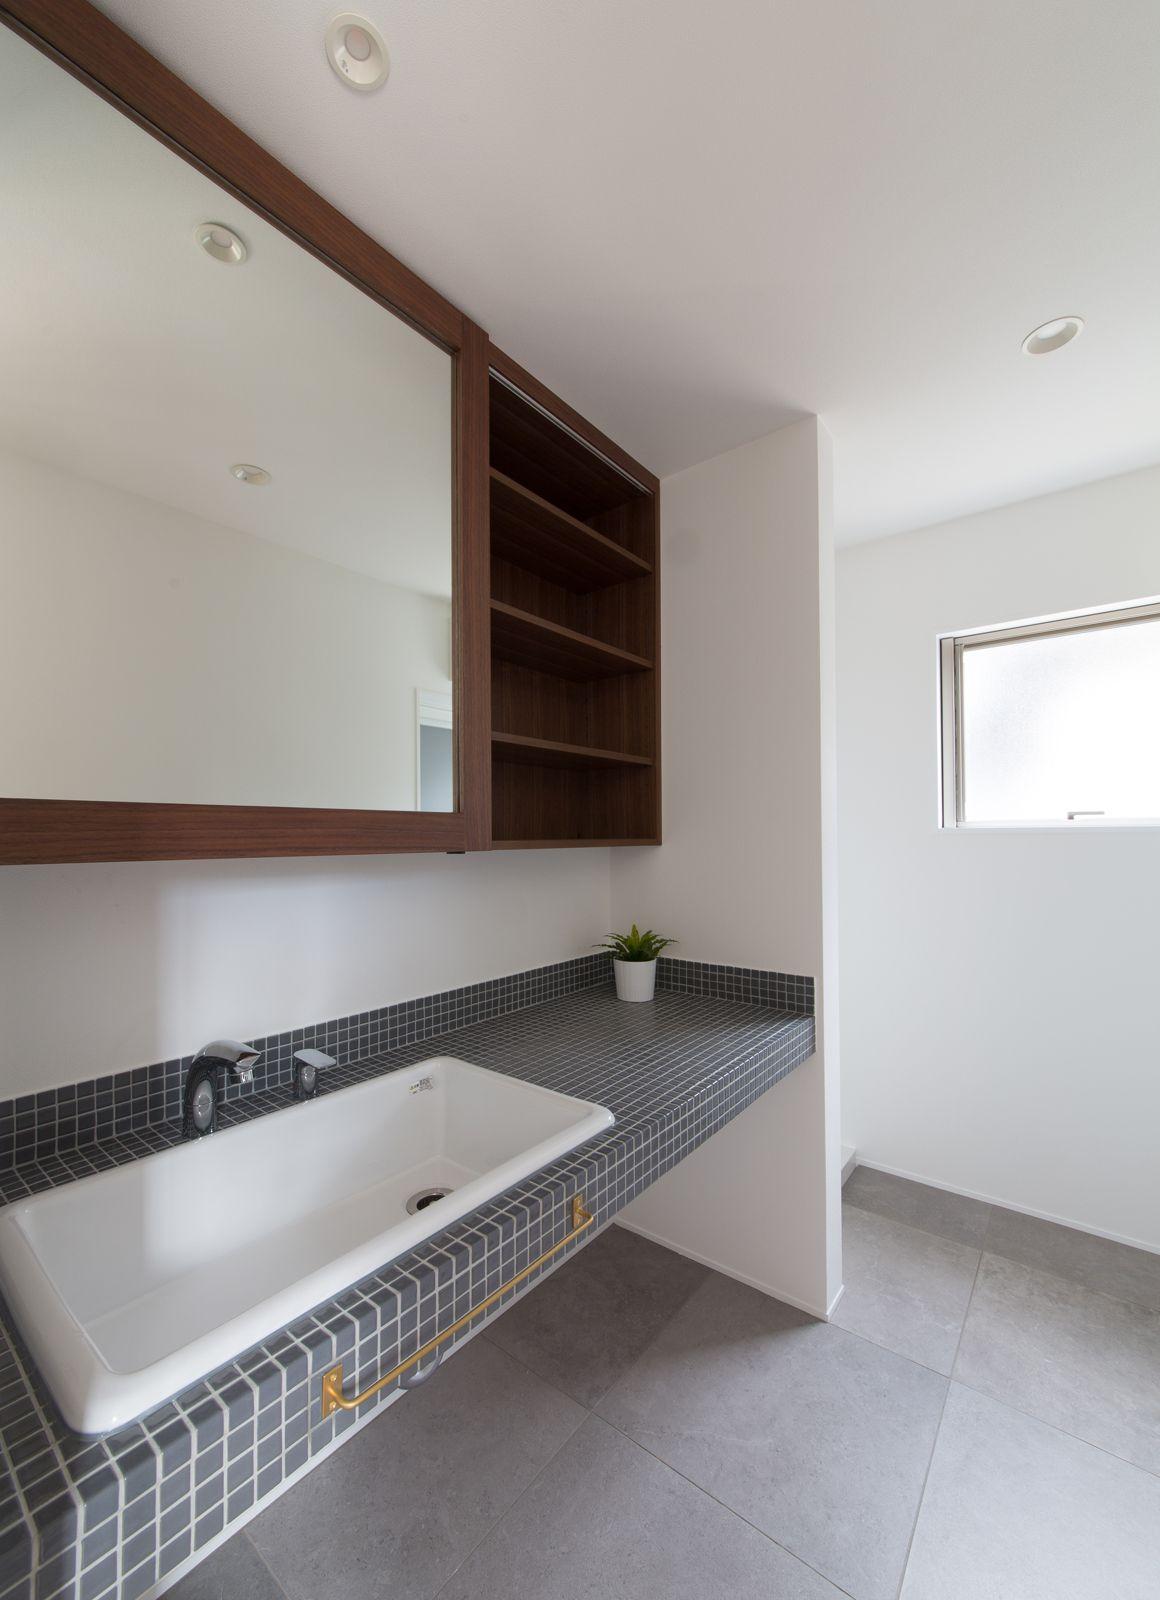 フォトジェニックのある家の浴室・洗面室2